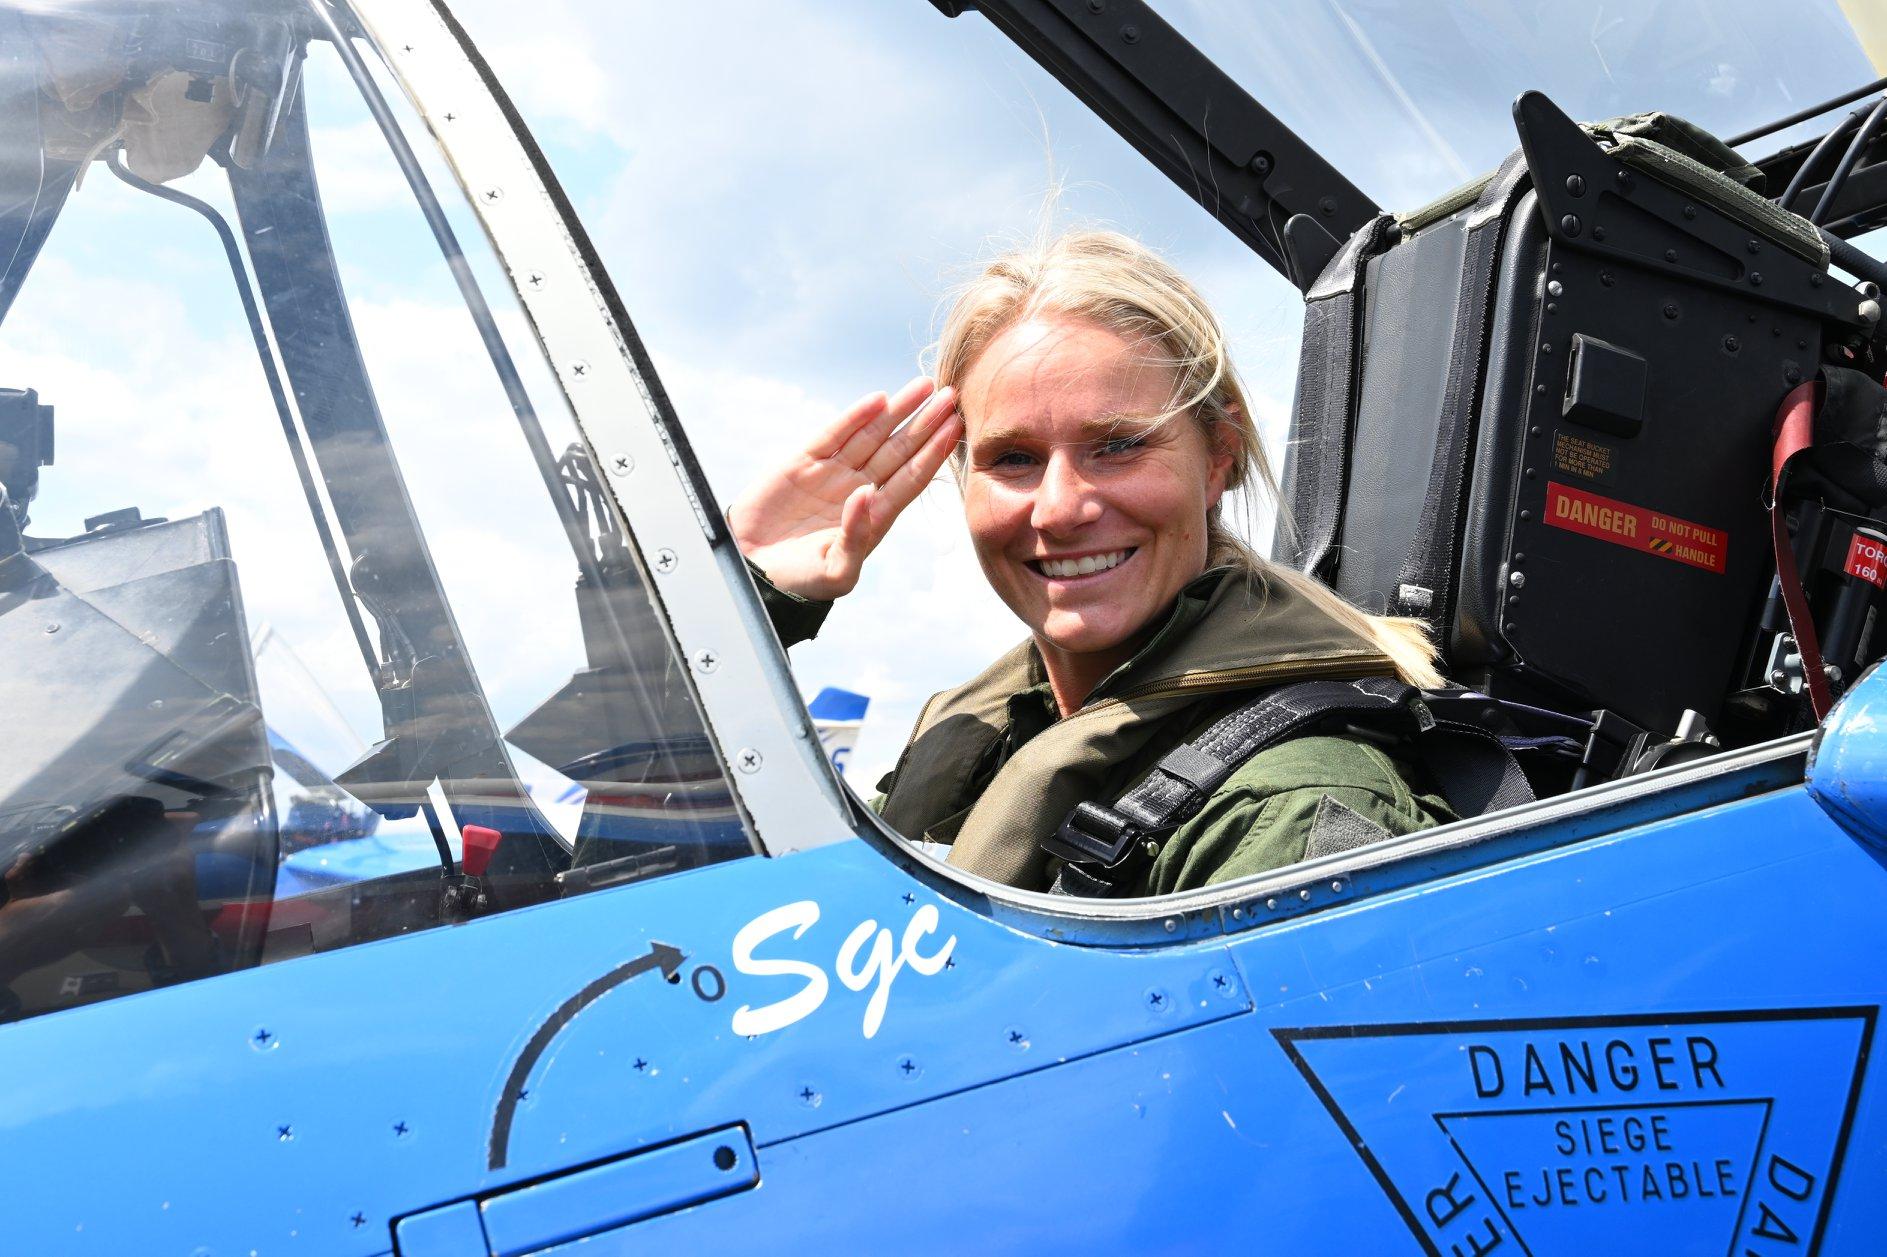 Amandine Henry à la base aérienne 107 de Villacoublay, le 13 juillet 2019. © Michel Jouary / Patrouille de France